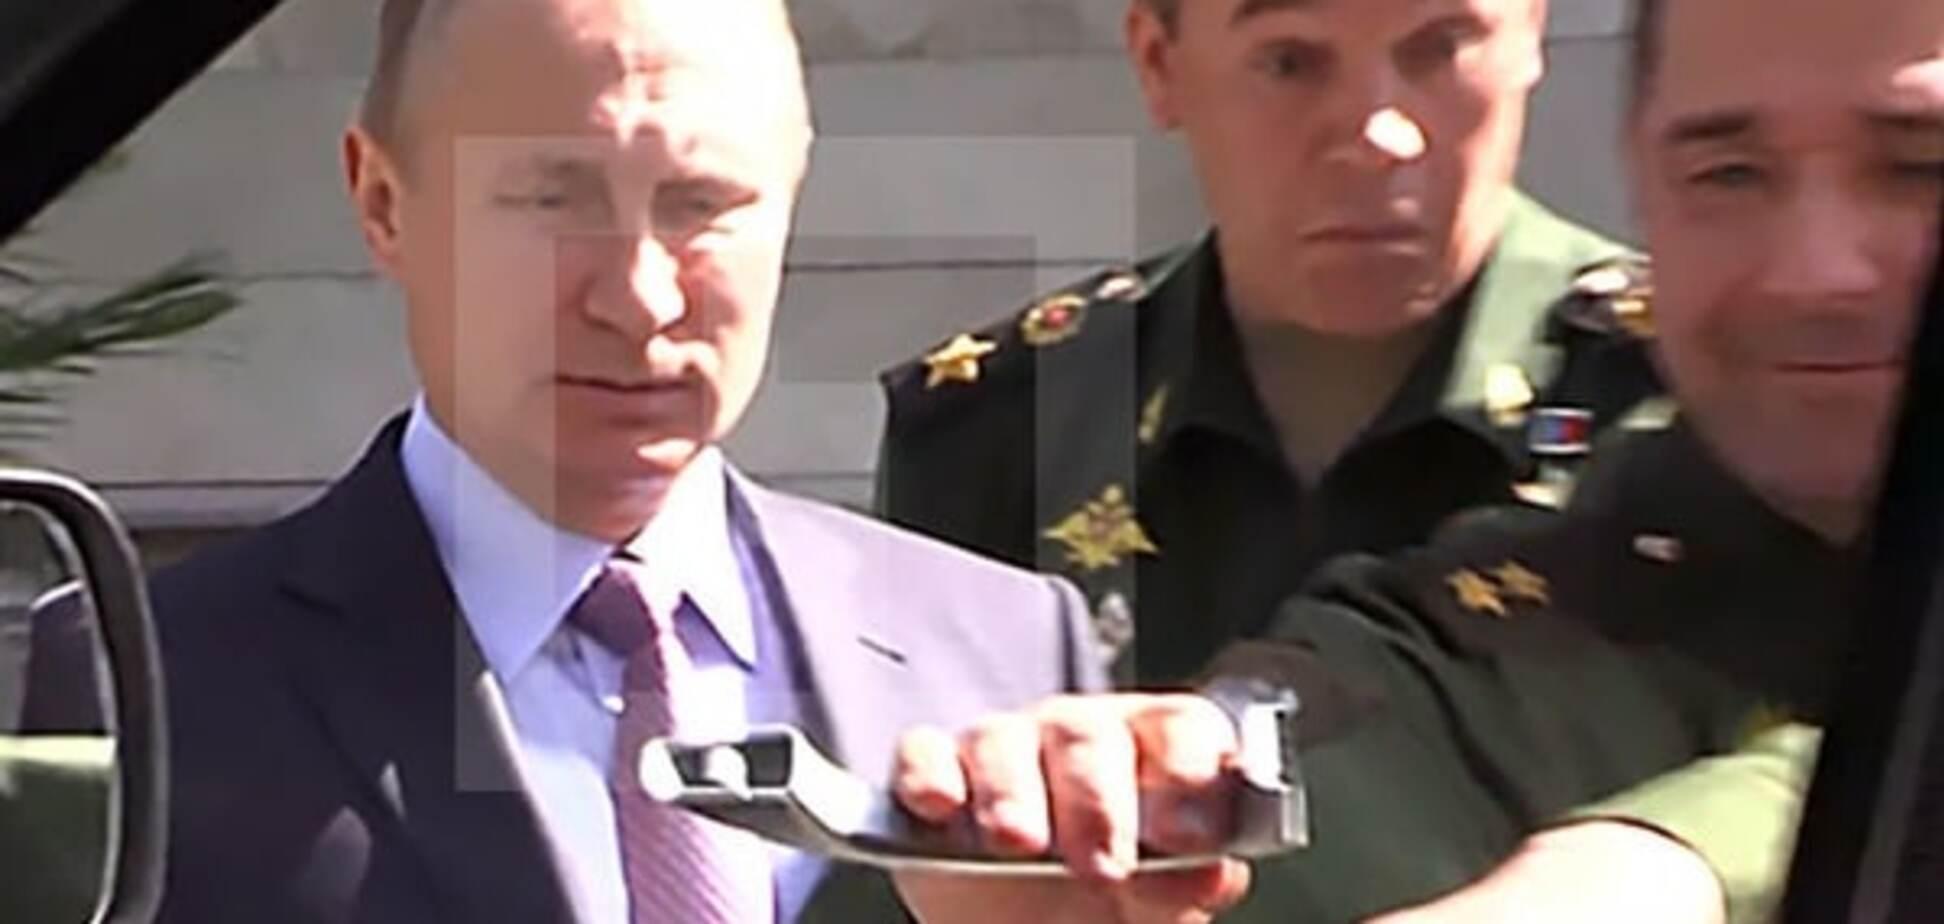 Путін зганьбився перед військовими: президент РФ не зміг відкрити двері авто